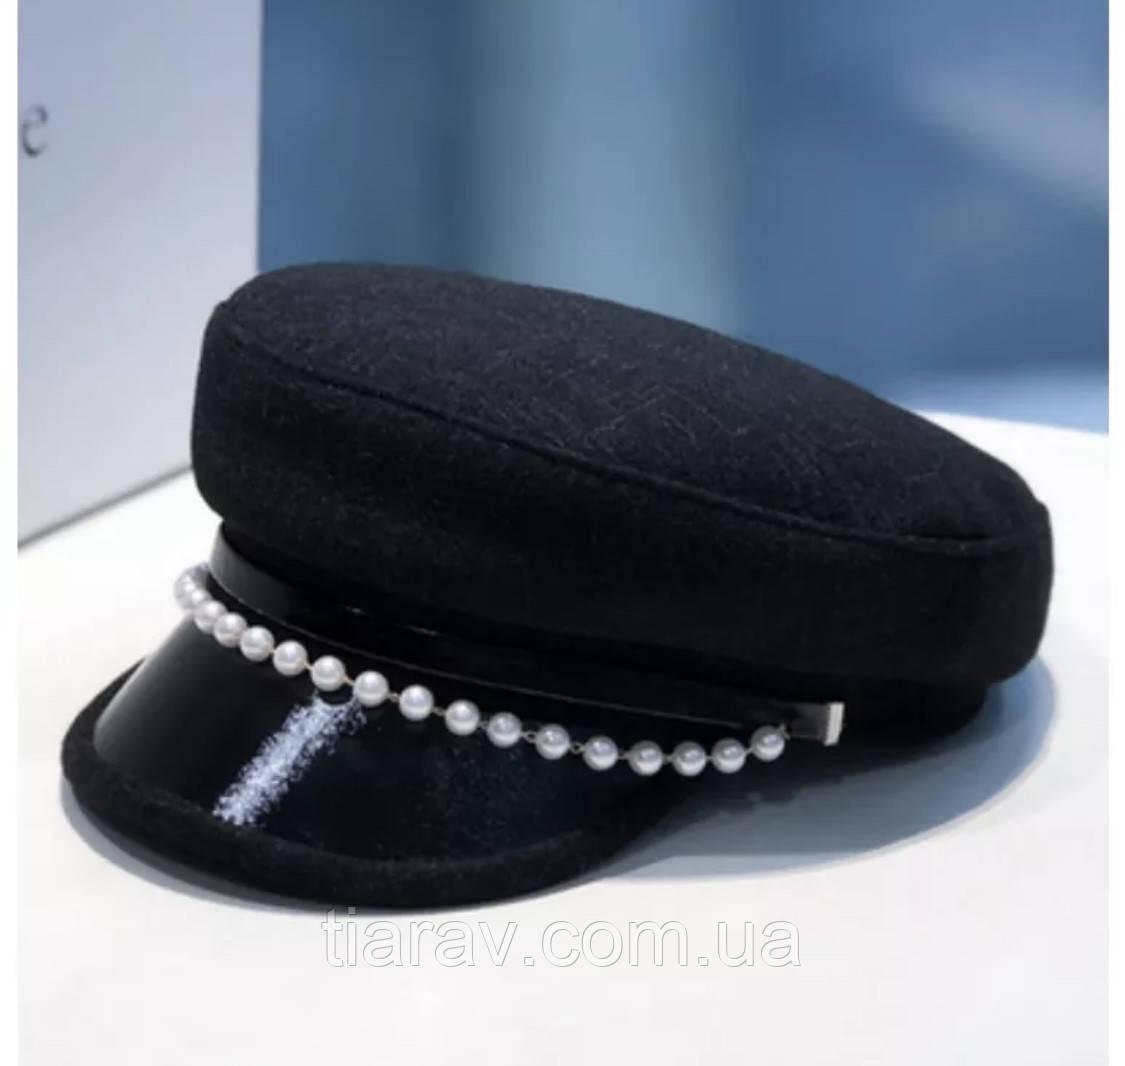 Кепі жіноча шапка, кепка, капелюх жіночий